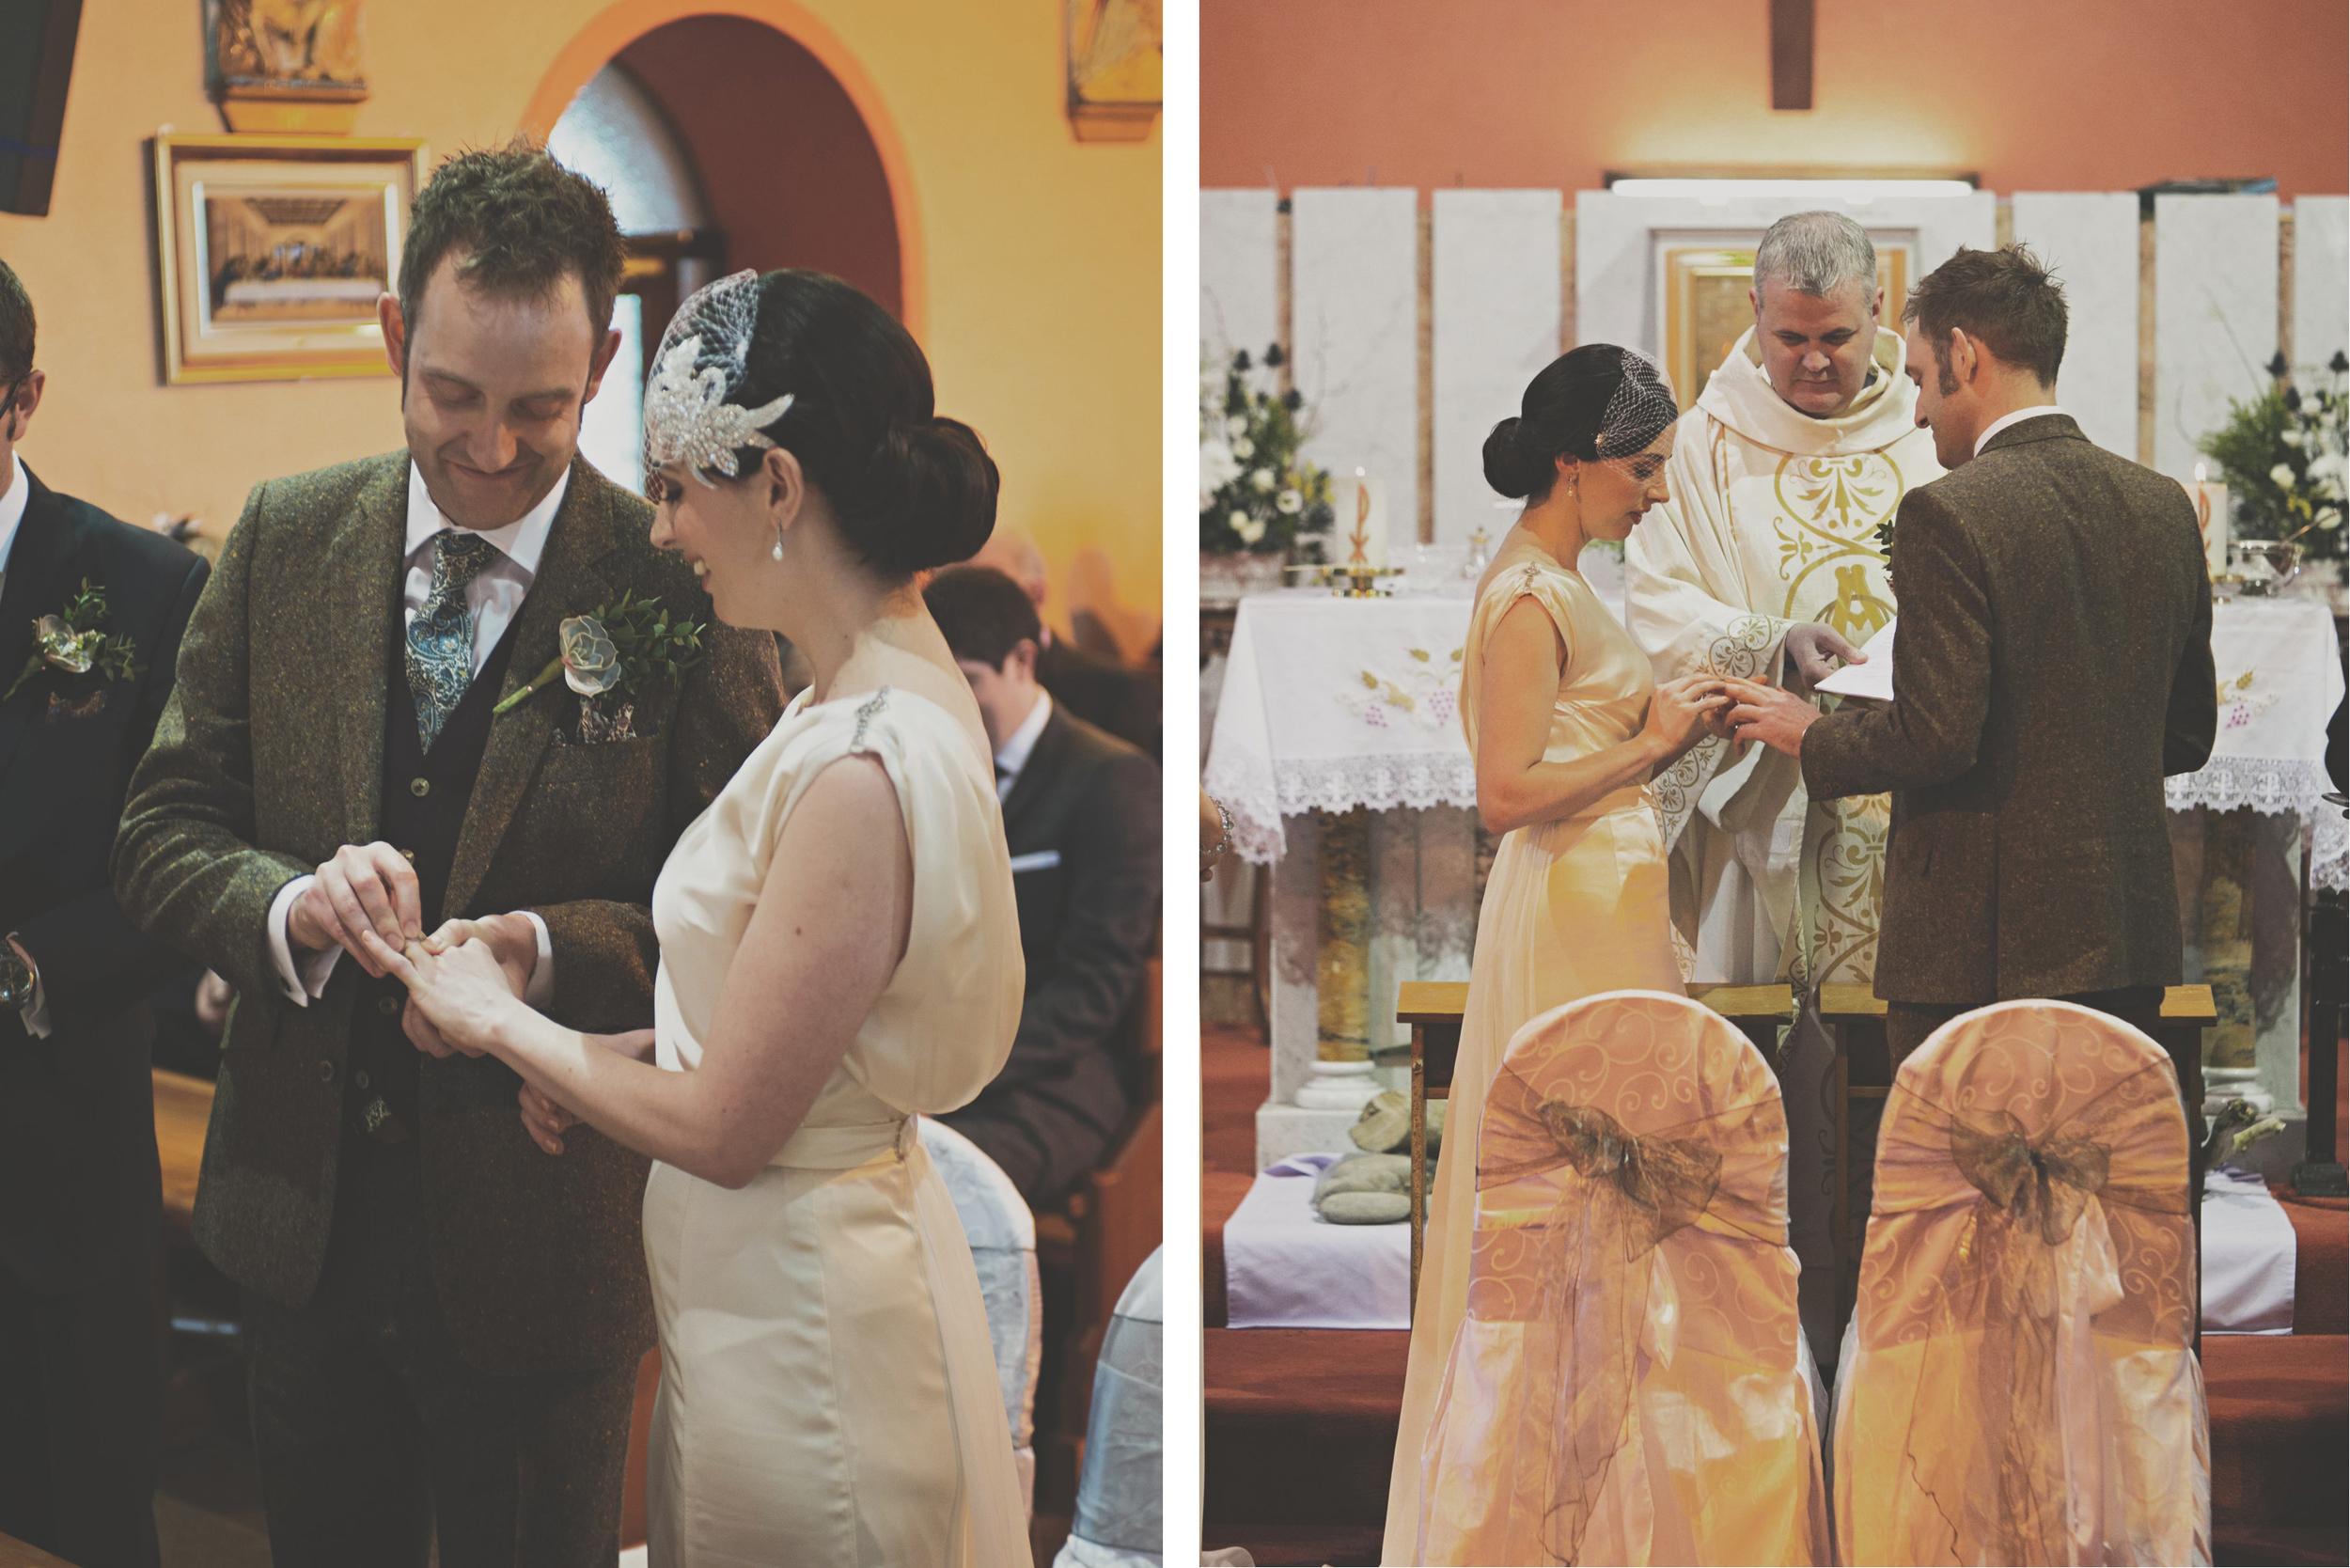 Exchanging rings at wedding